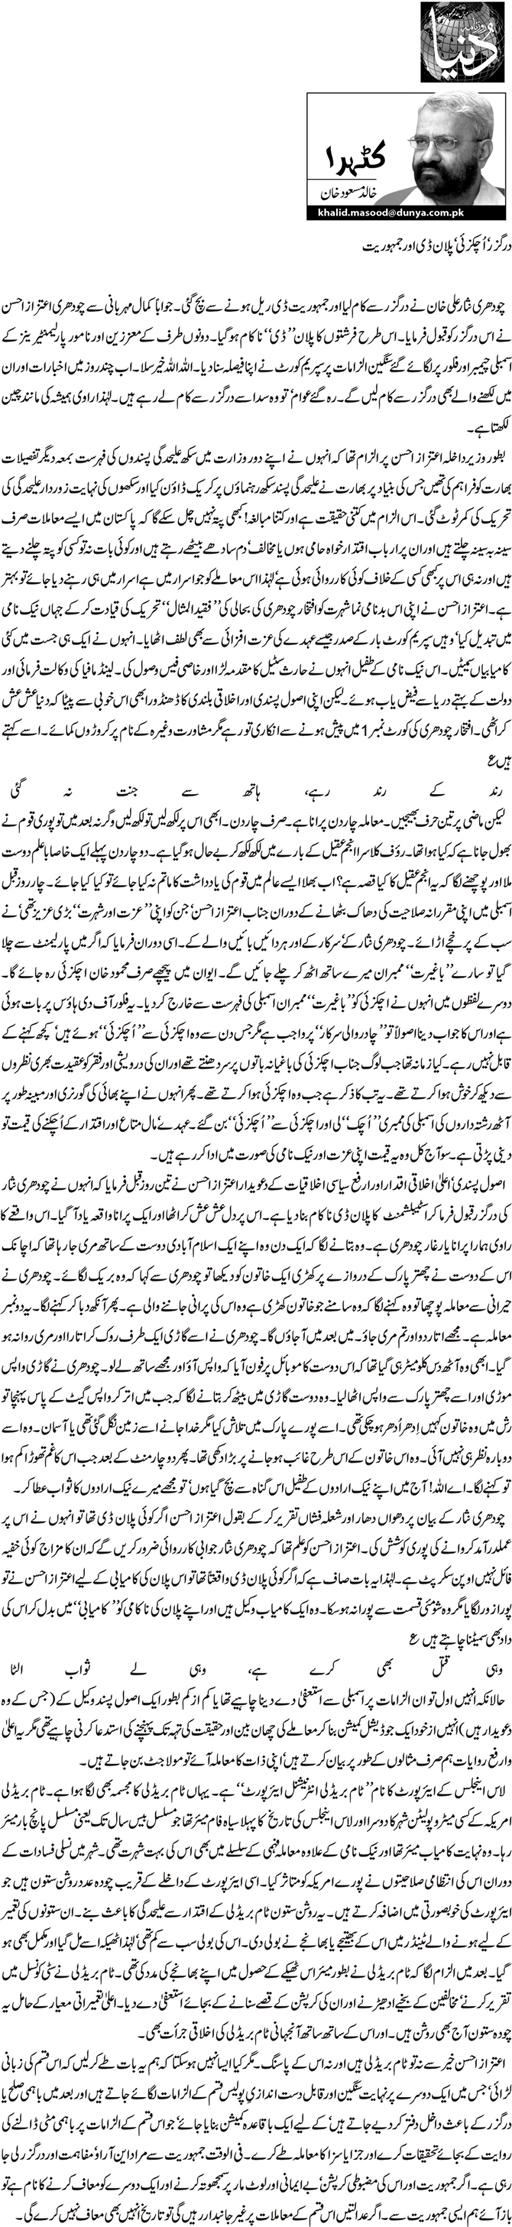 Print Media Coverage Daily Dunya - Khalid Masood